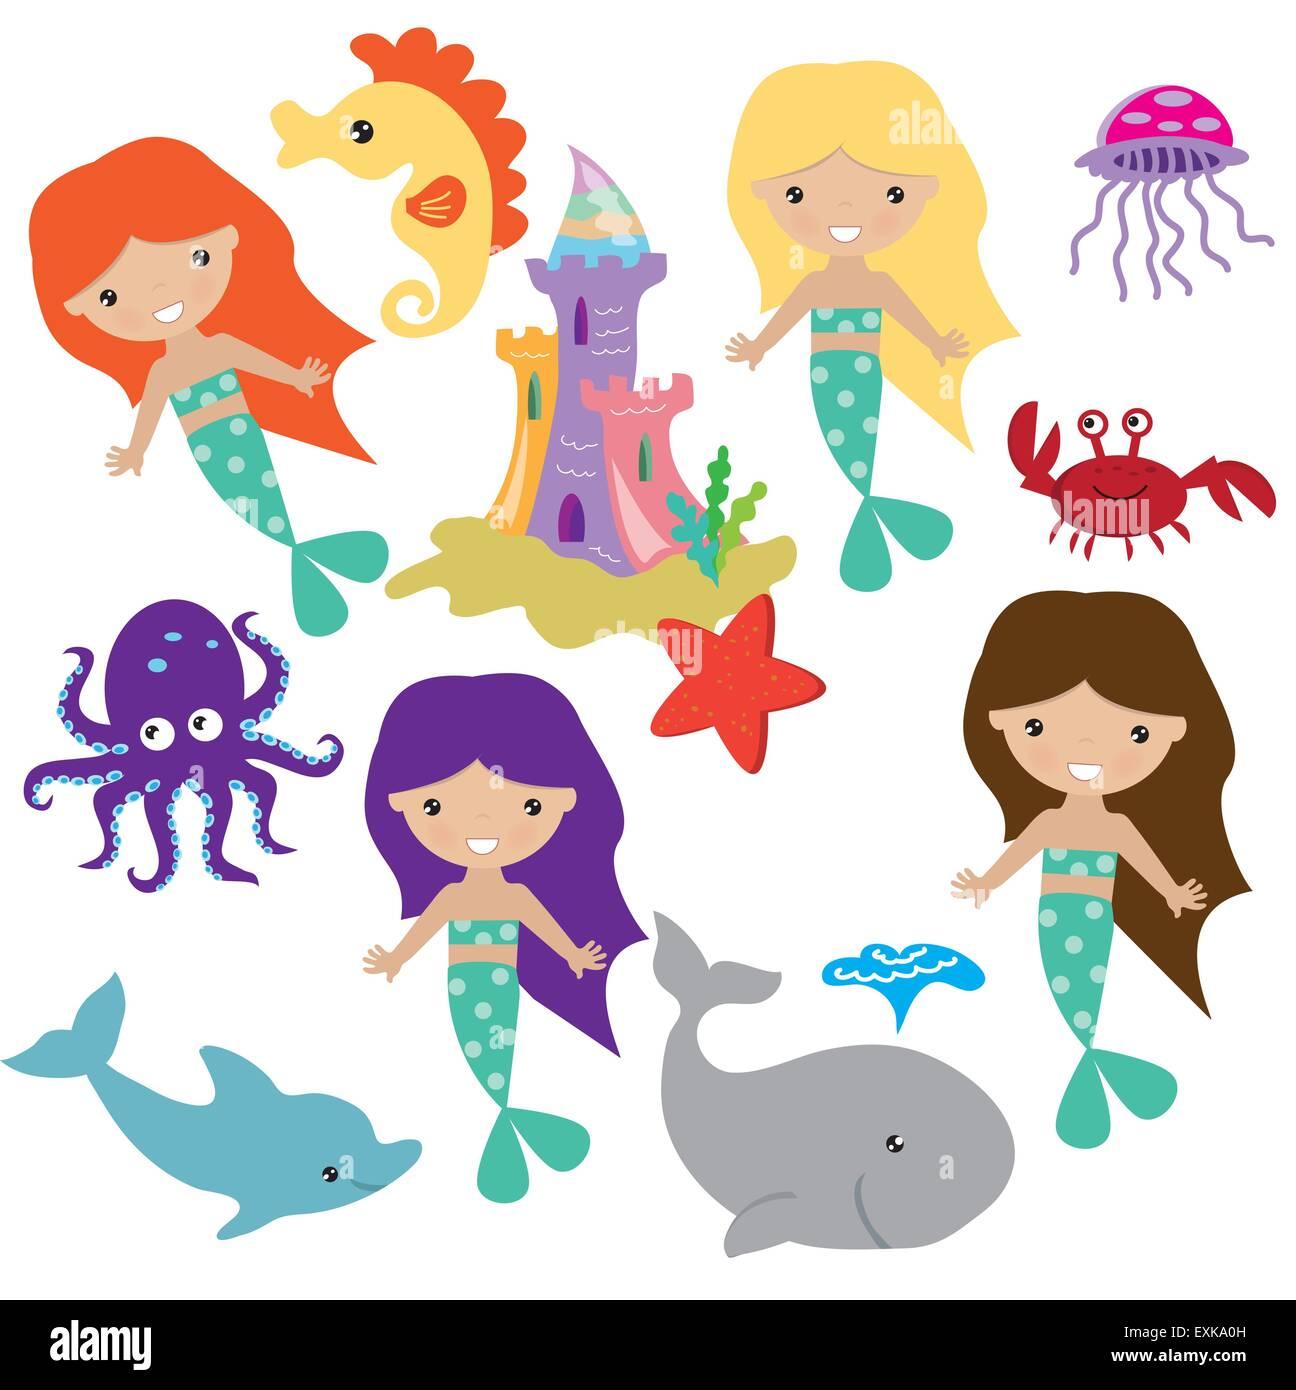 Erfreut Süße Meerjungfrau Färbung Fotos - Malvorlagen Von Tieren ...